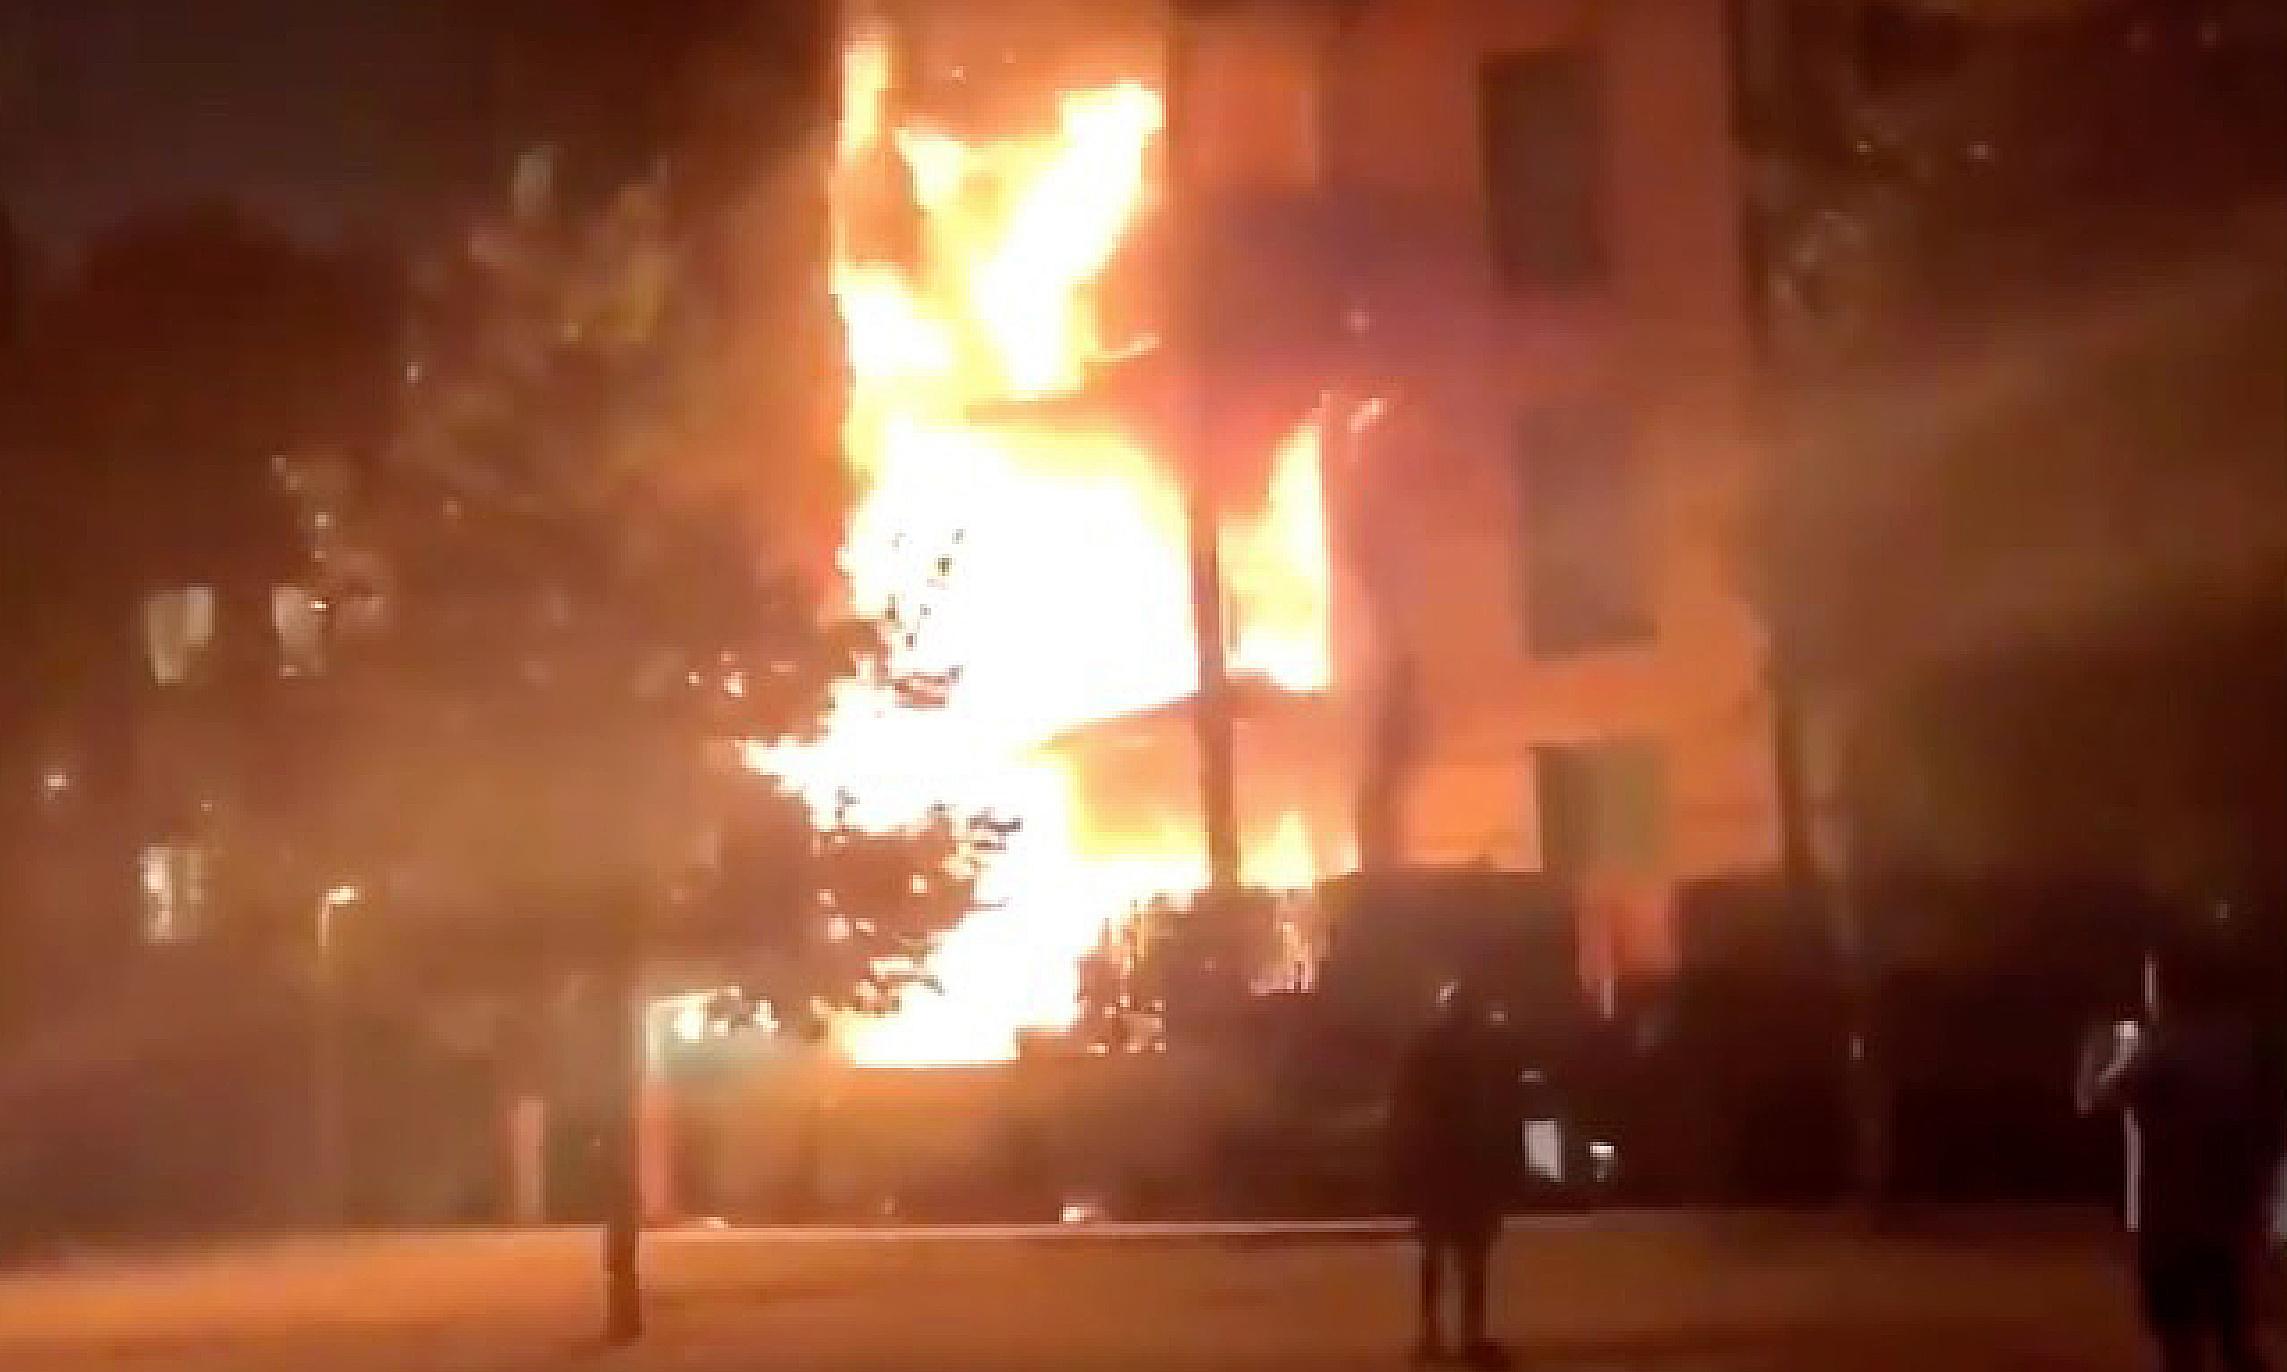 Hackney fire: dozens of firefighters tackle blaze in east London